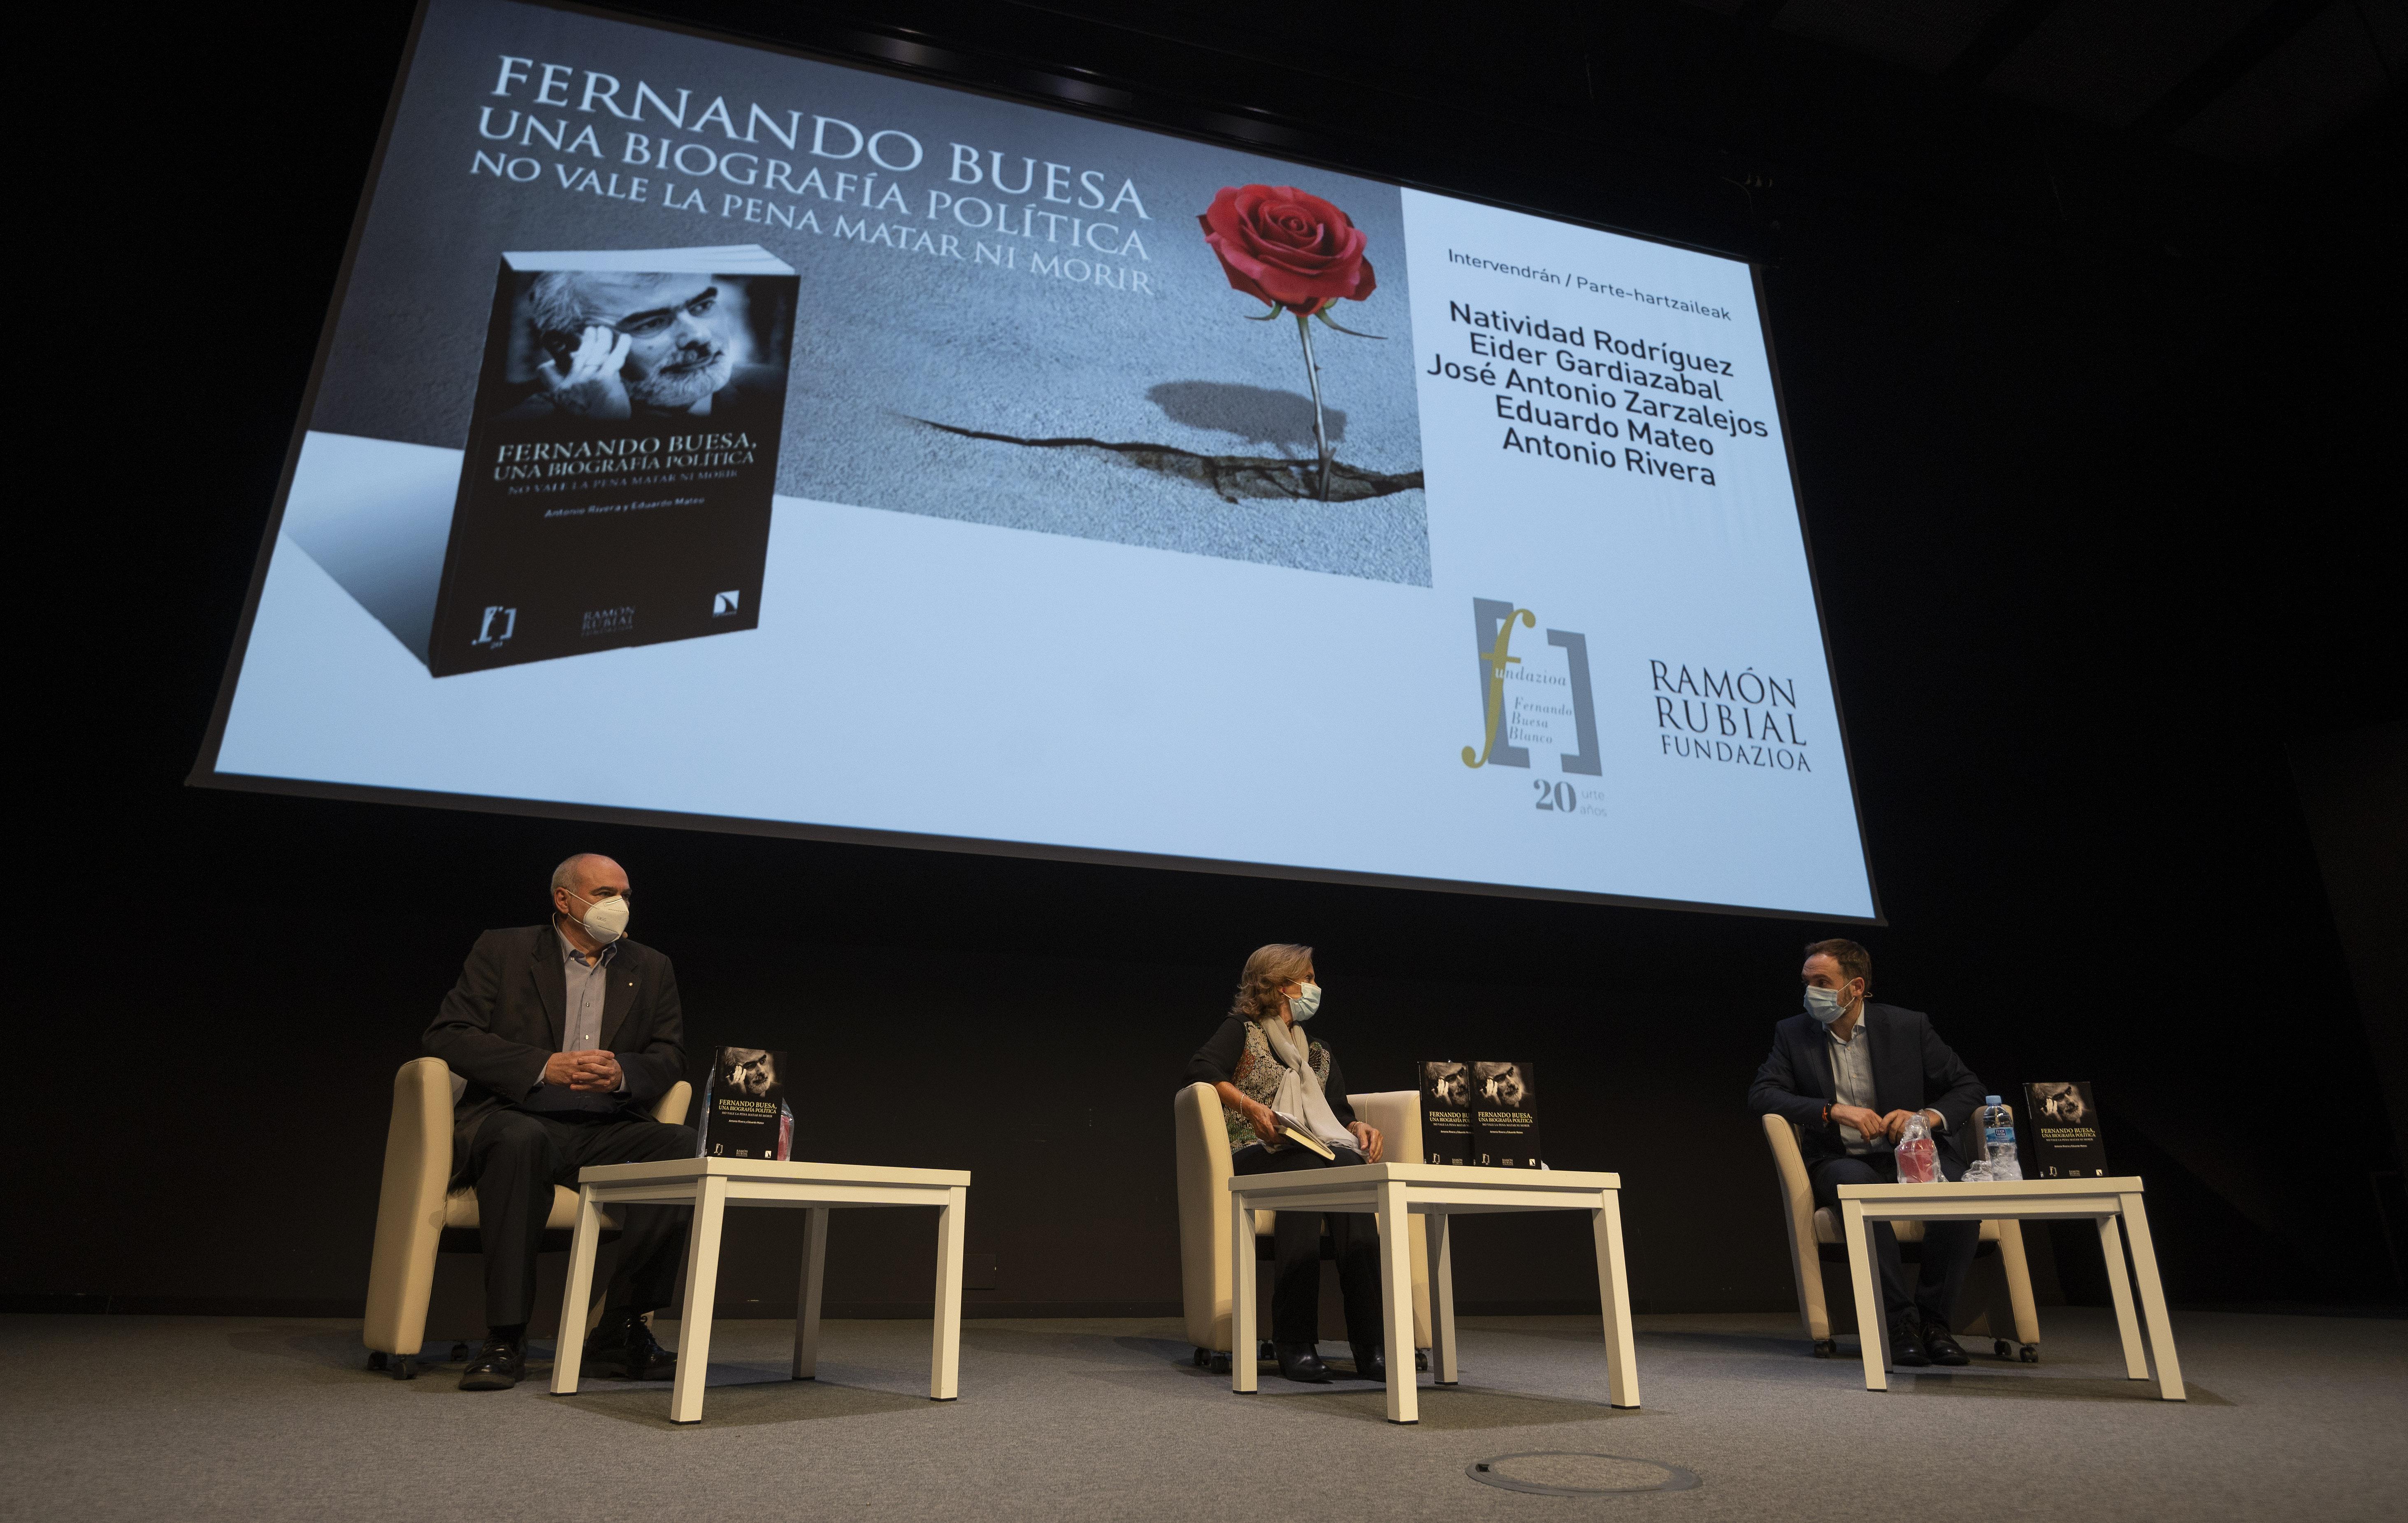 """Lehendakaria """"Fernando Buesa, una biografía política. No vale la pena matar ni morir"""" liburuaren aurkezpenean izan da [0:00]"""